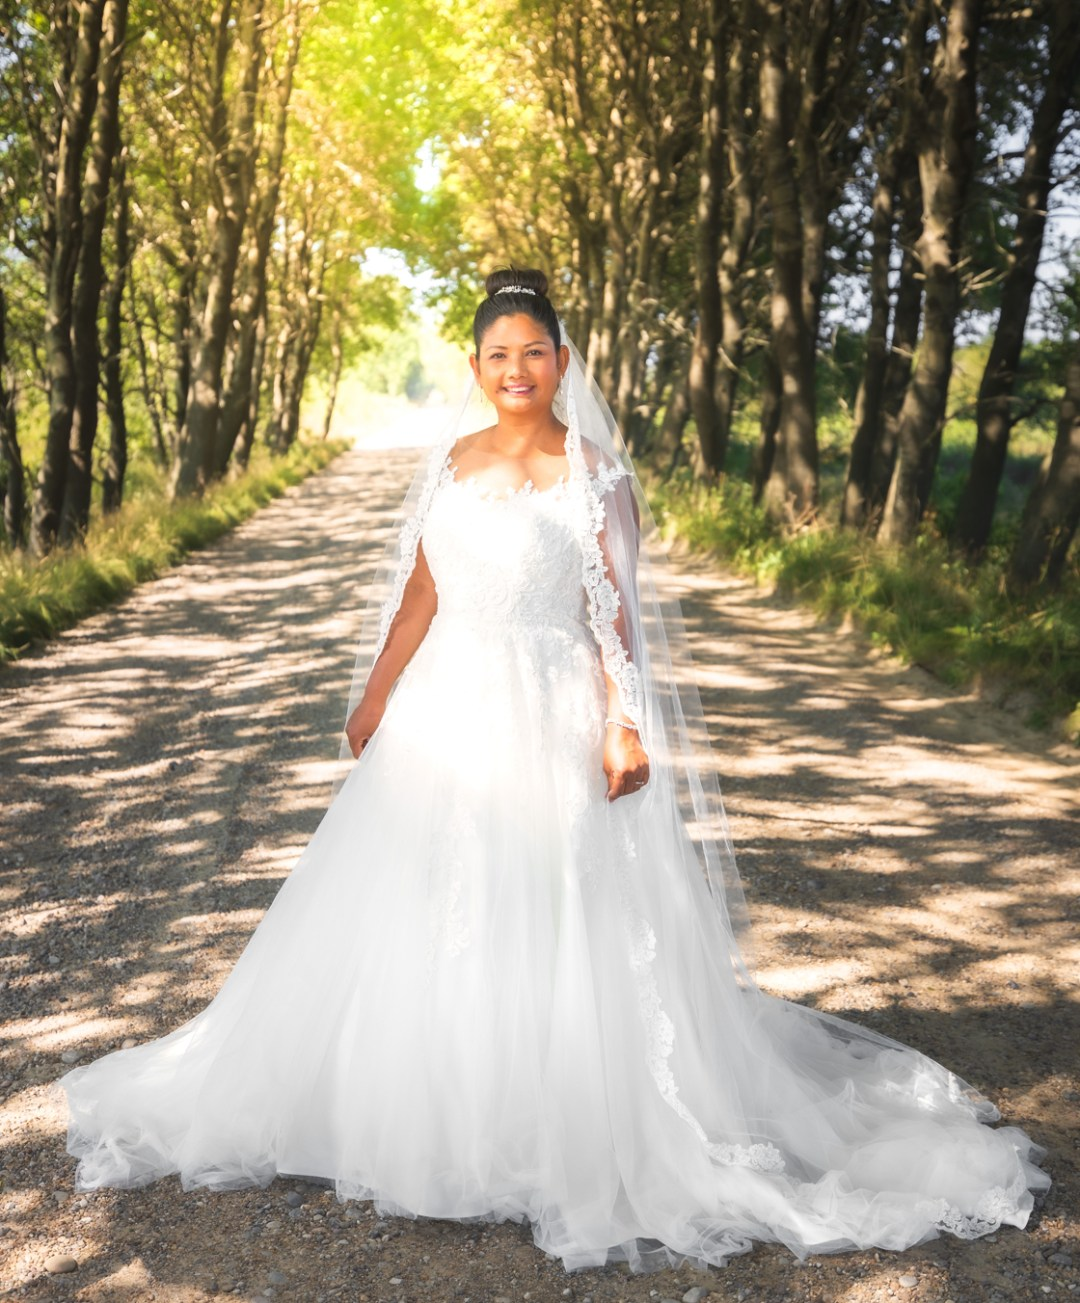 Bryllup fotograf ribe